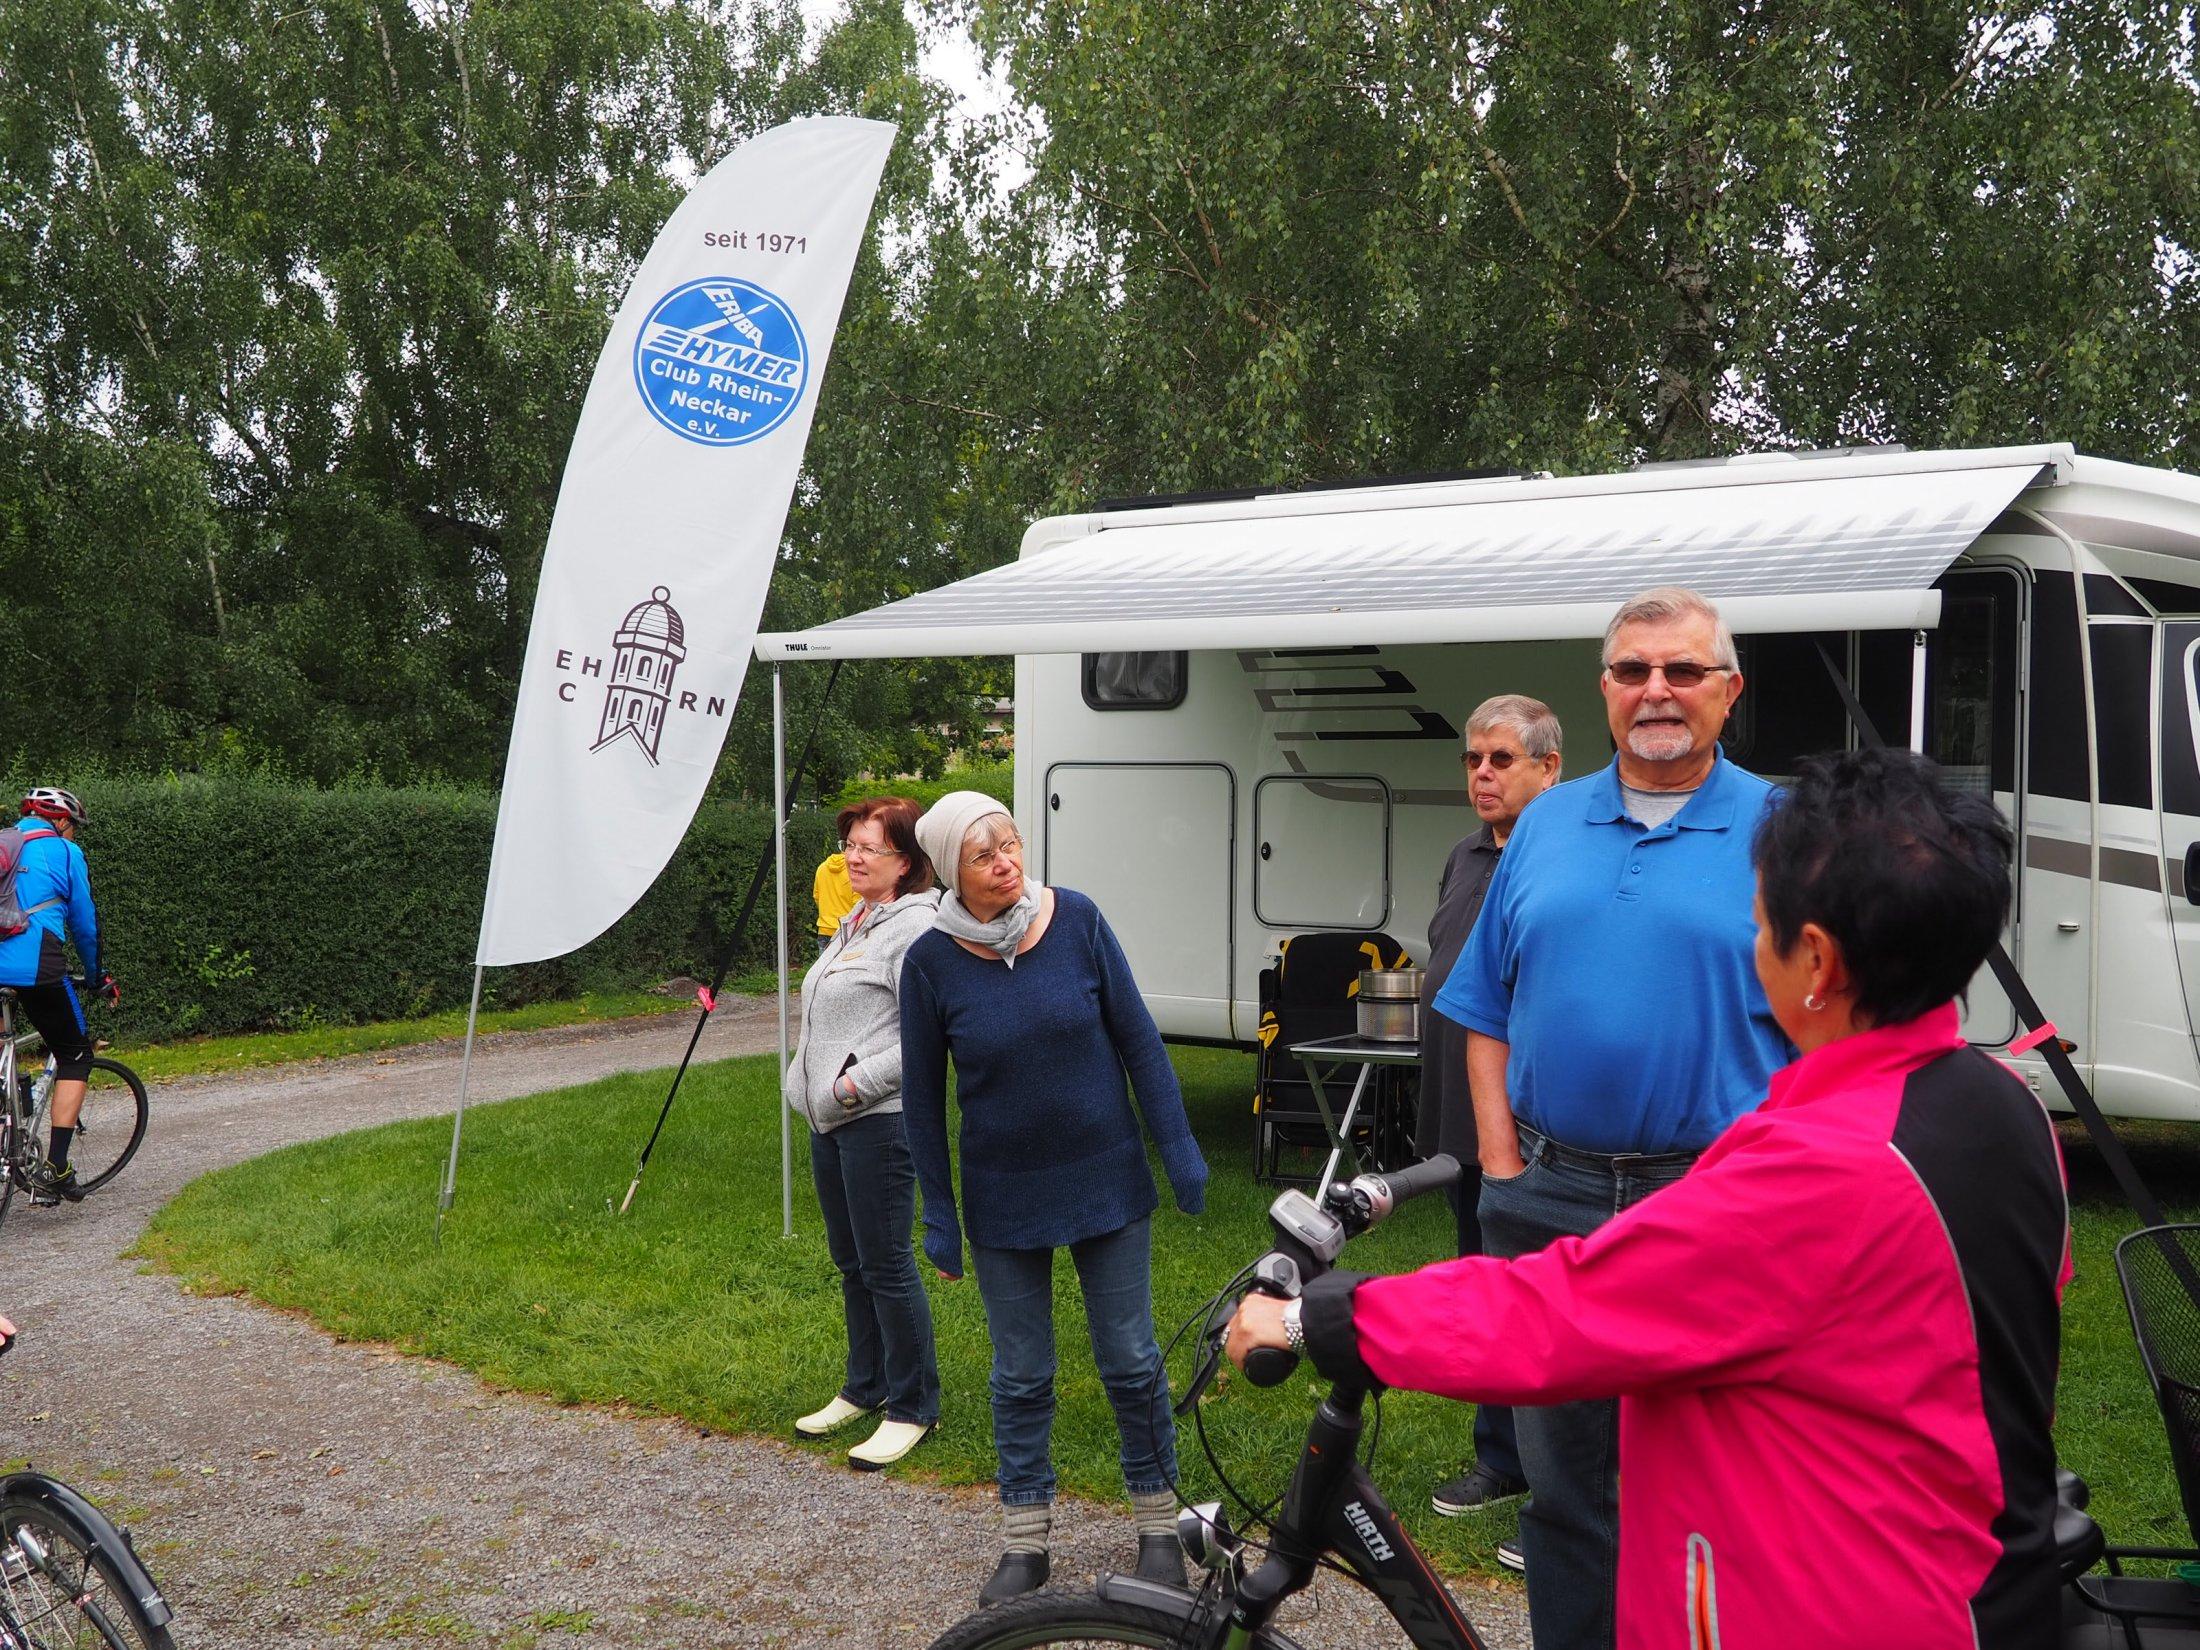 EHC RN Weser-193